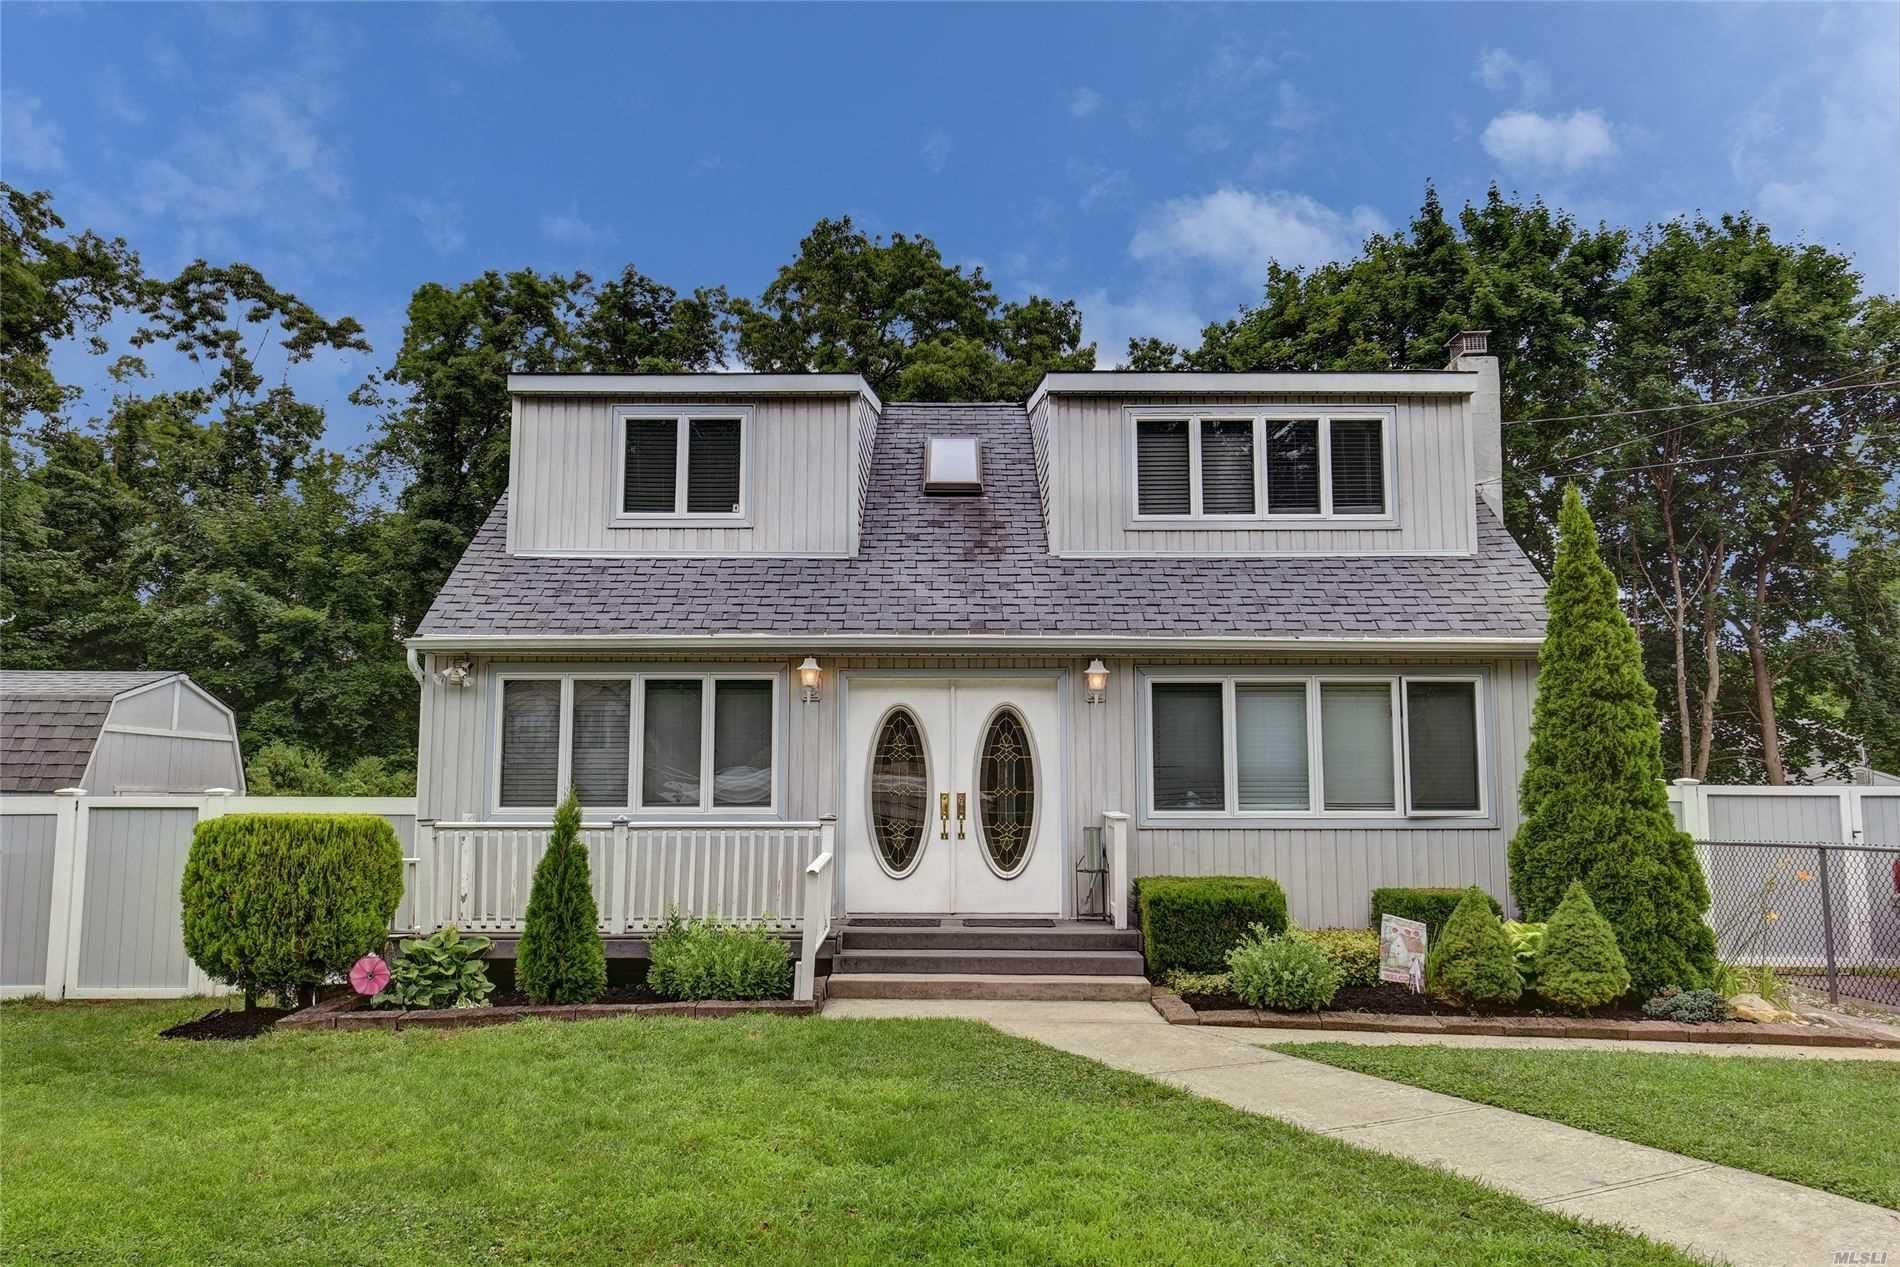 31 Ridgewood Ave, Selden, NY 11784 - MLS#: 3231149